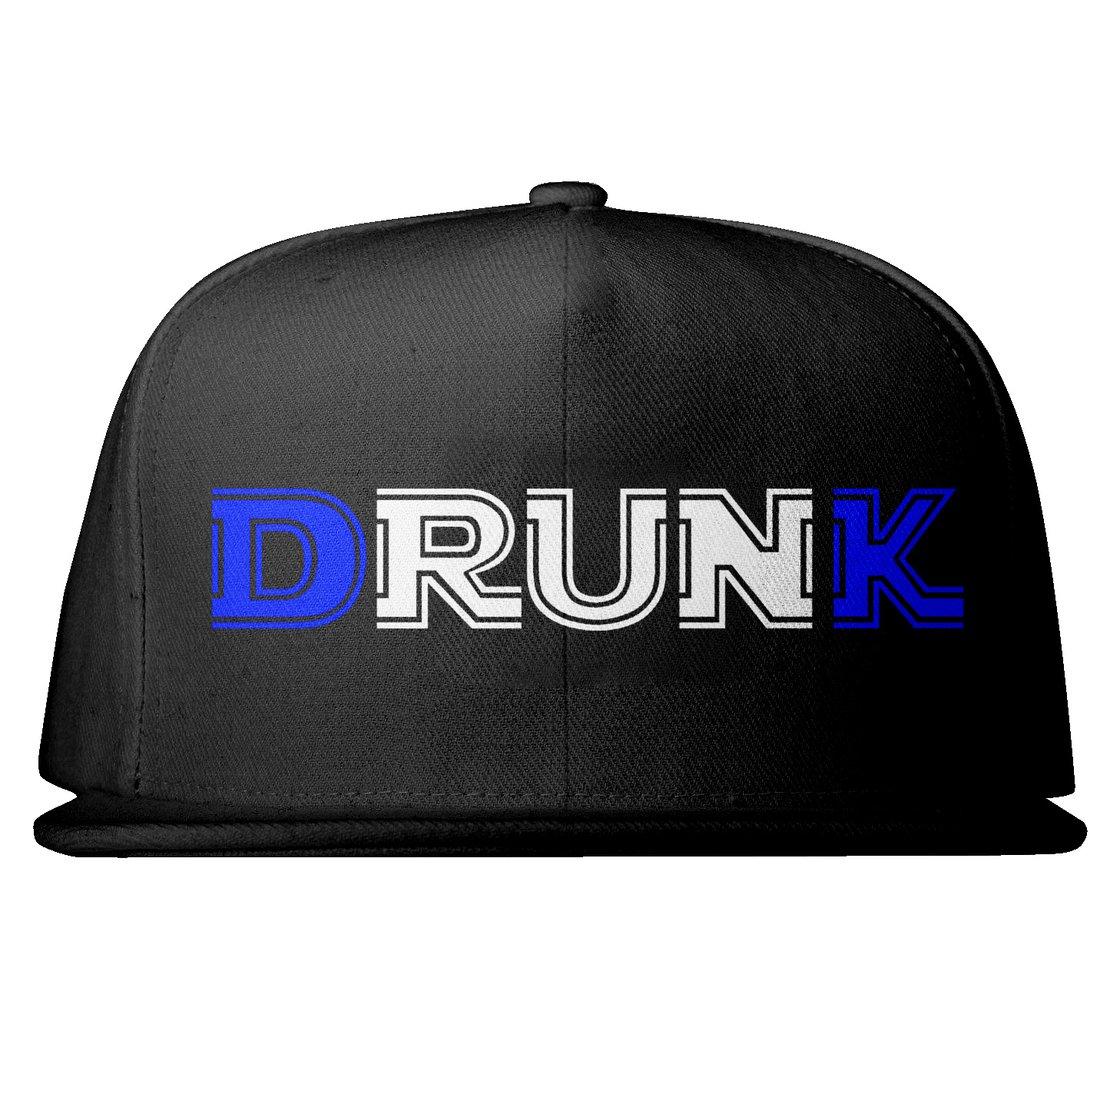 Image of Embroidered Drunk Snap back D&K Royal Blue